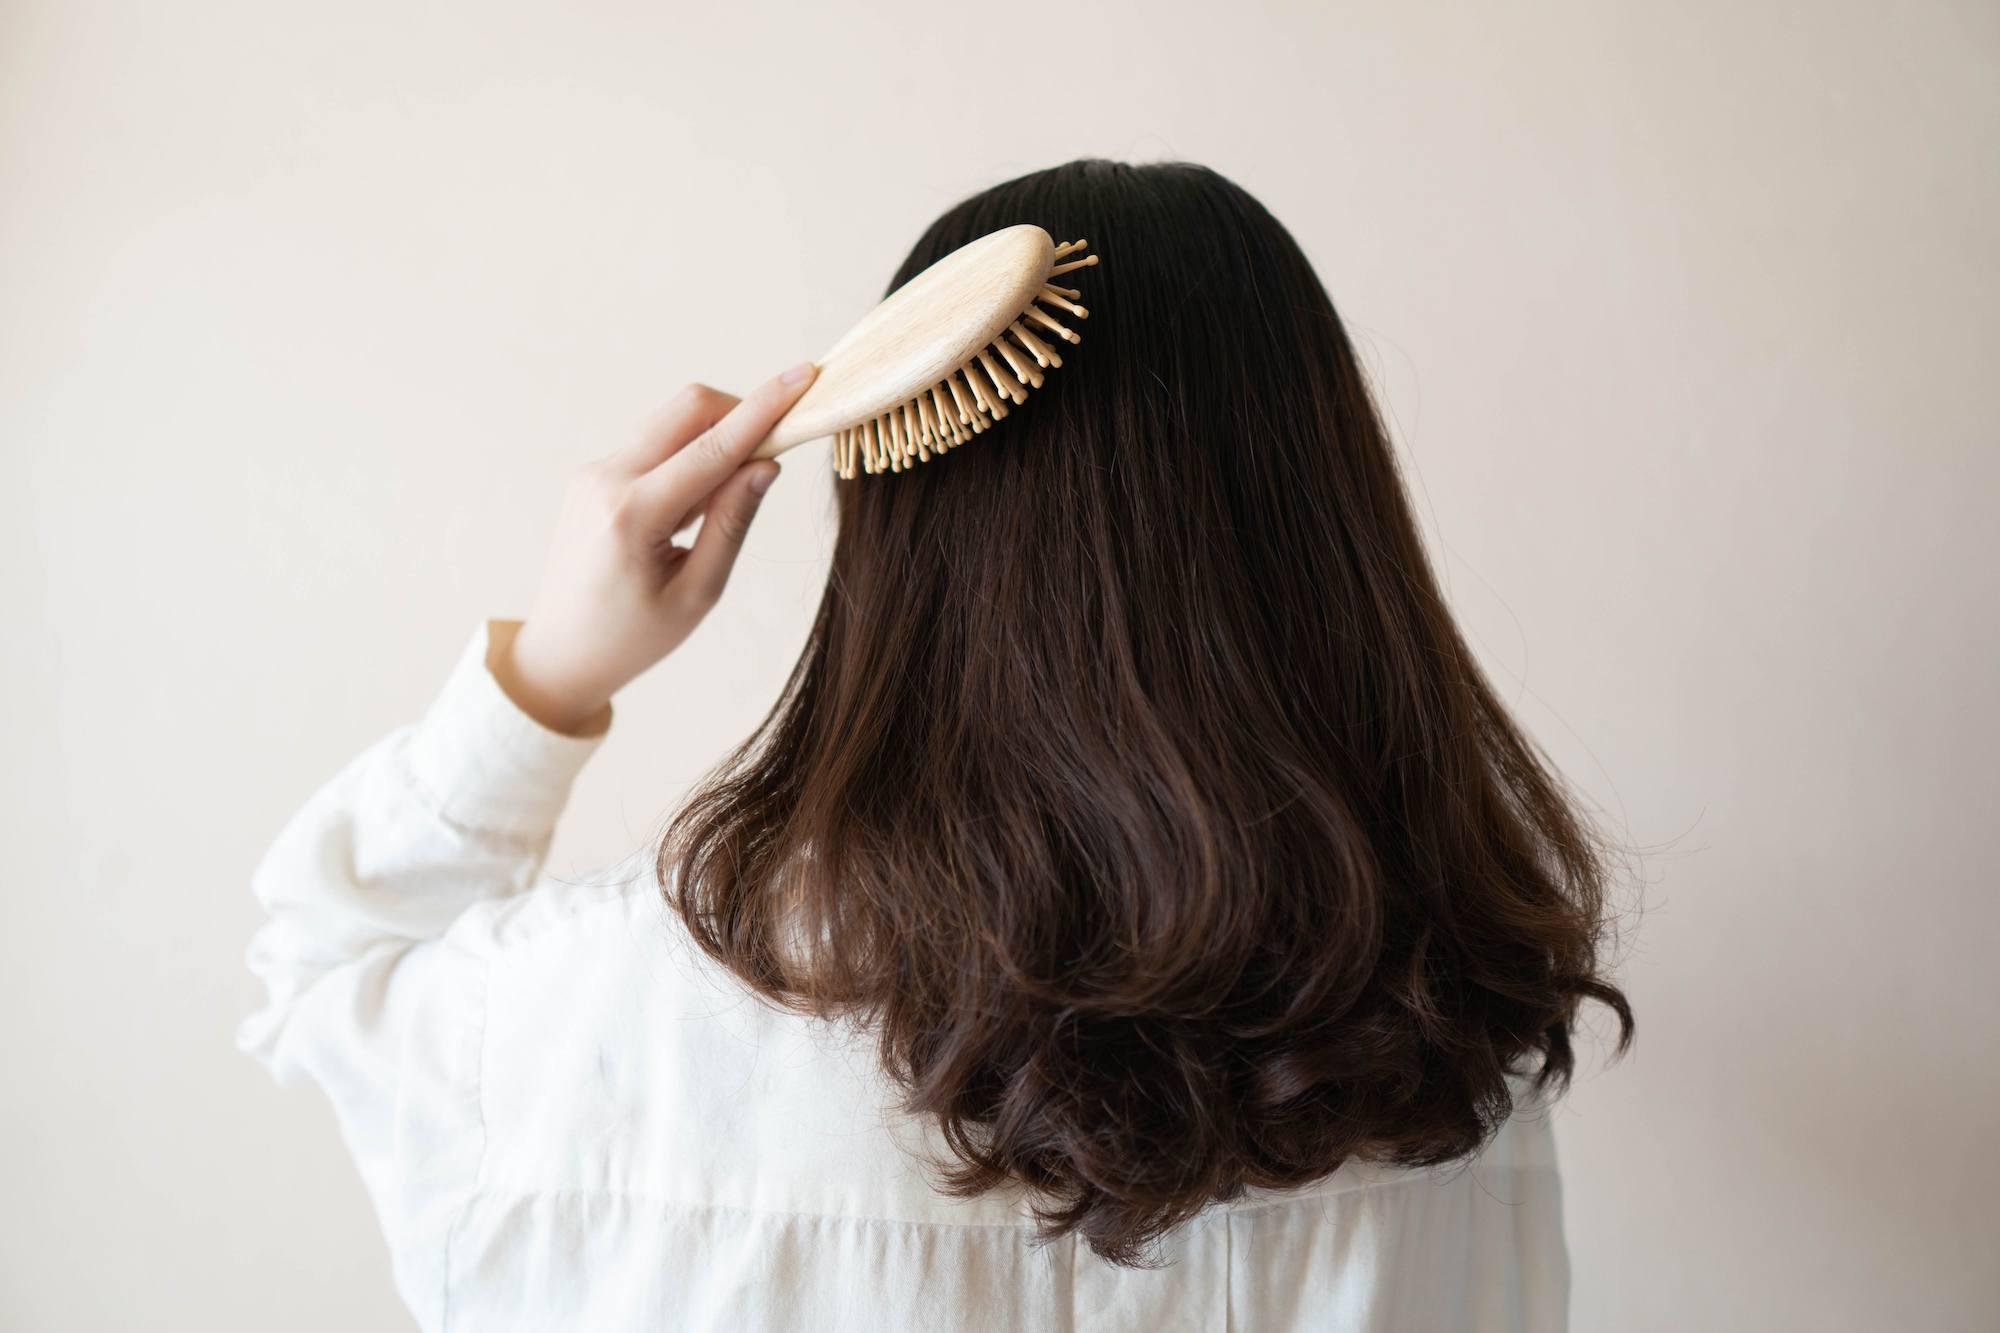 Smoothing rambut adalah salah satu perawatan di salon bagi wanita yang menginginkan rambut mereka terlihat lurus, lembut, dan berkilau.